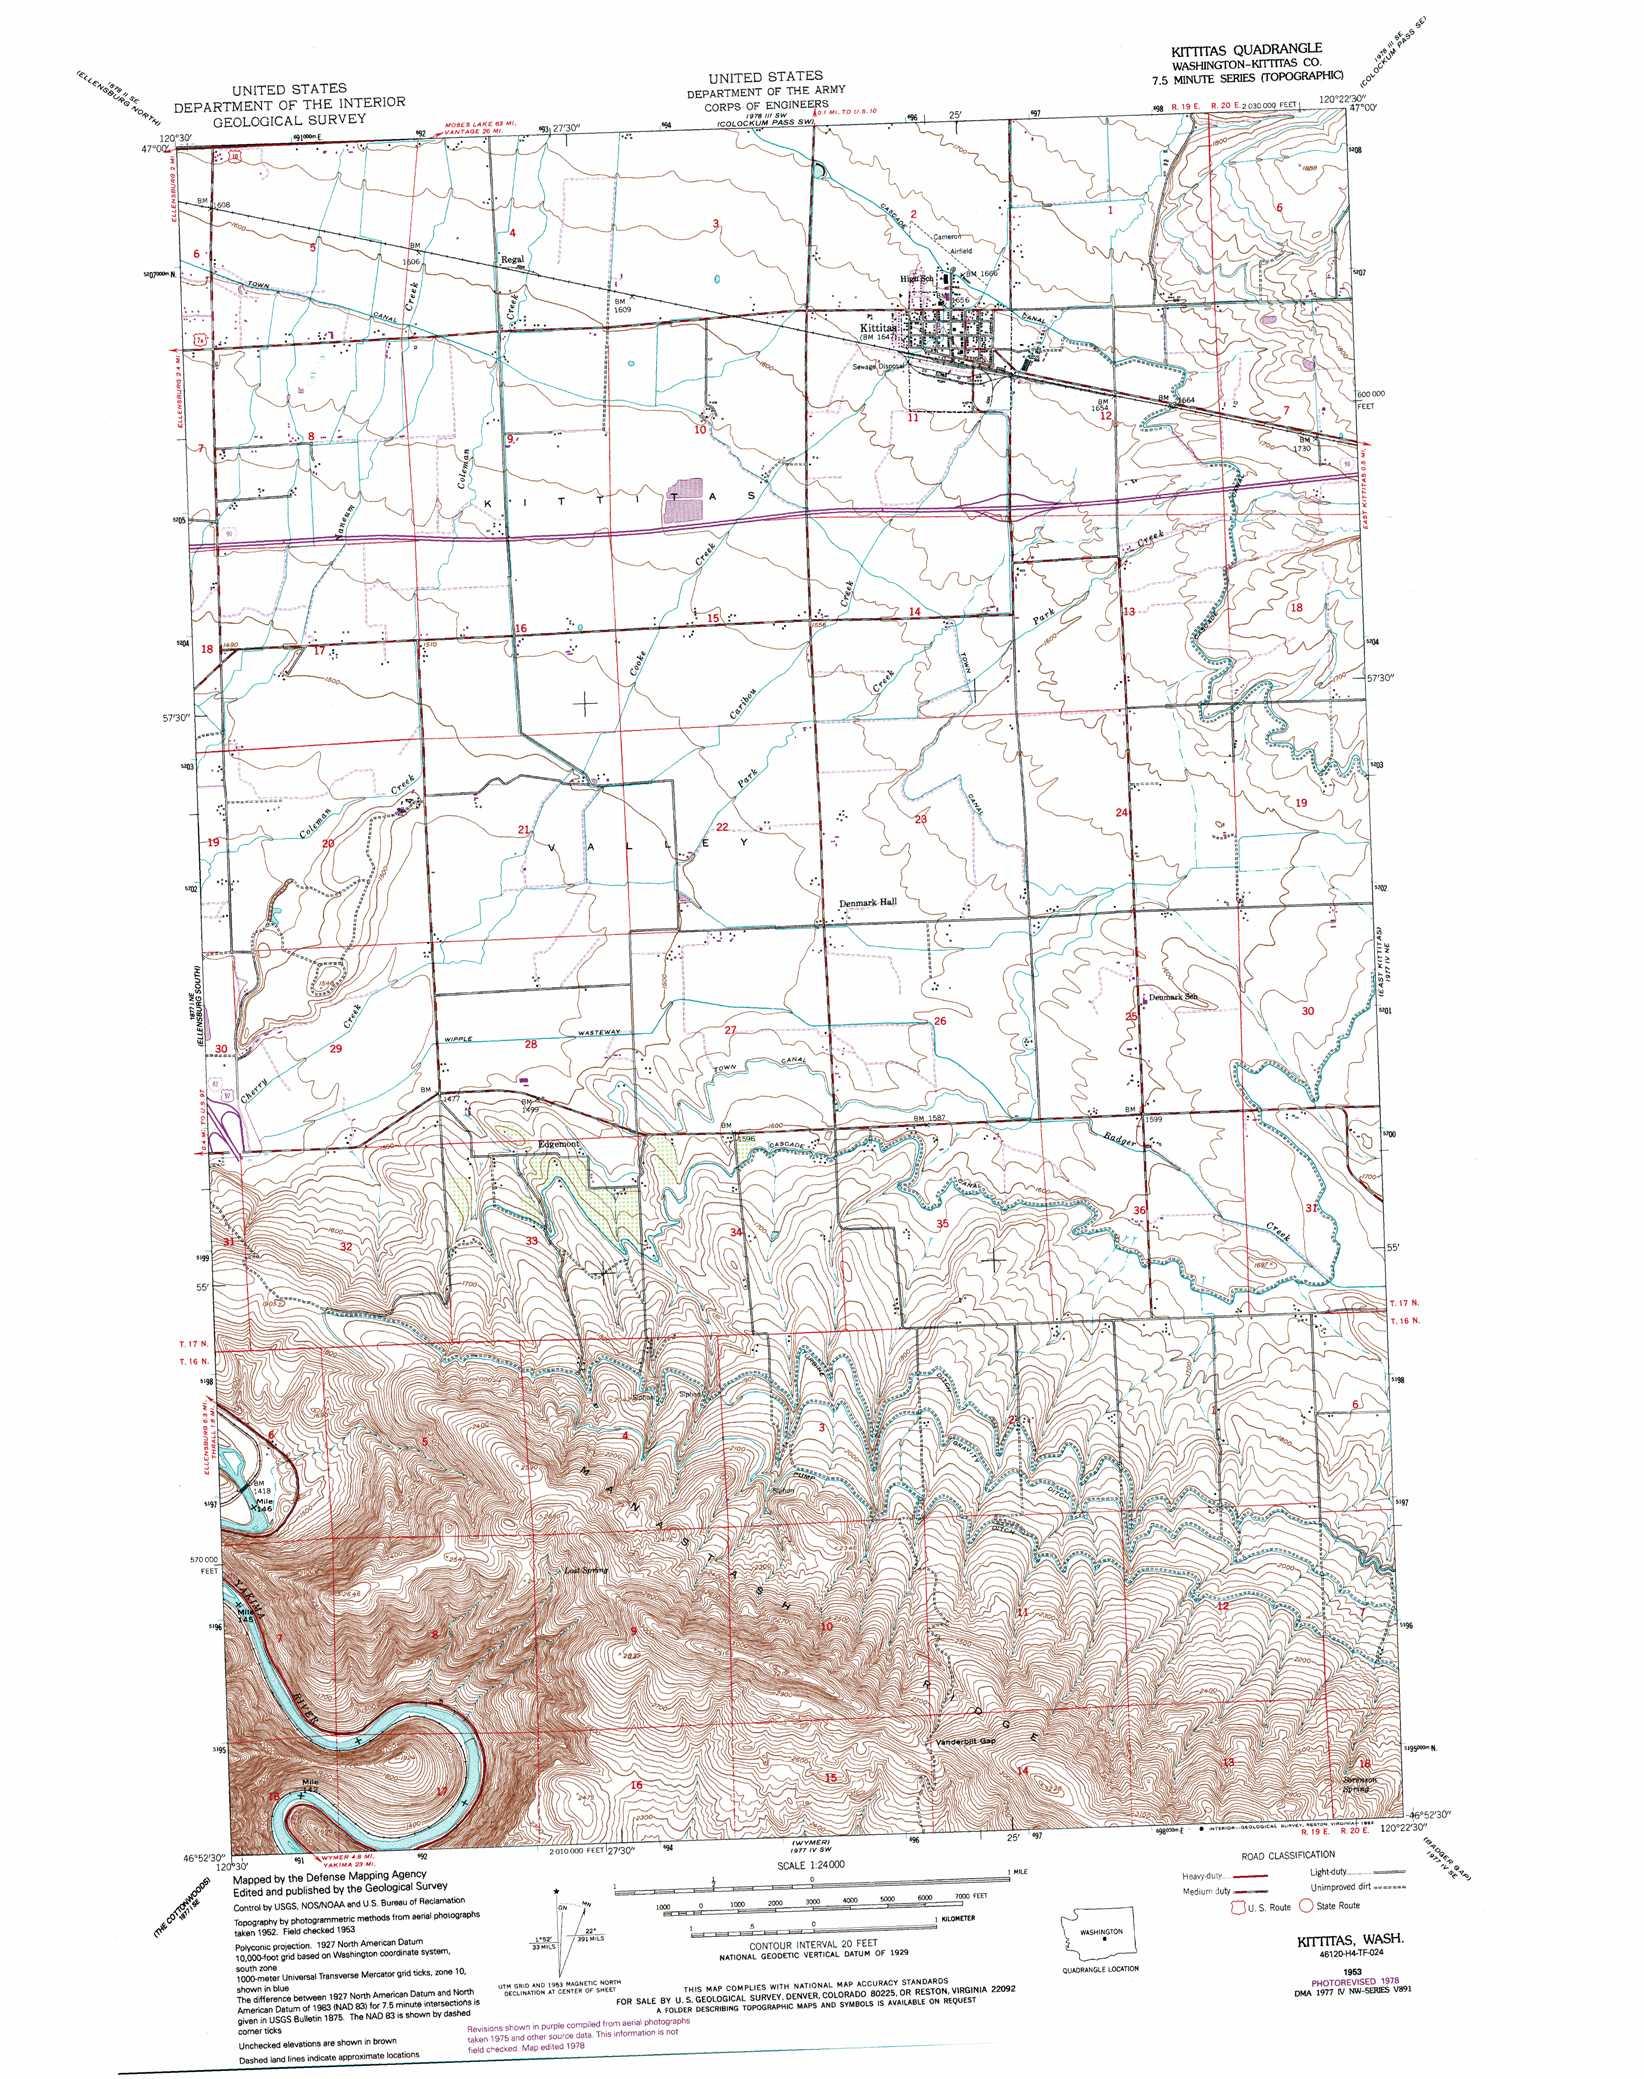 Kittitas topographic map, WA  USGS Topo Quad 46120h4